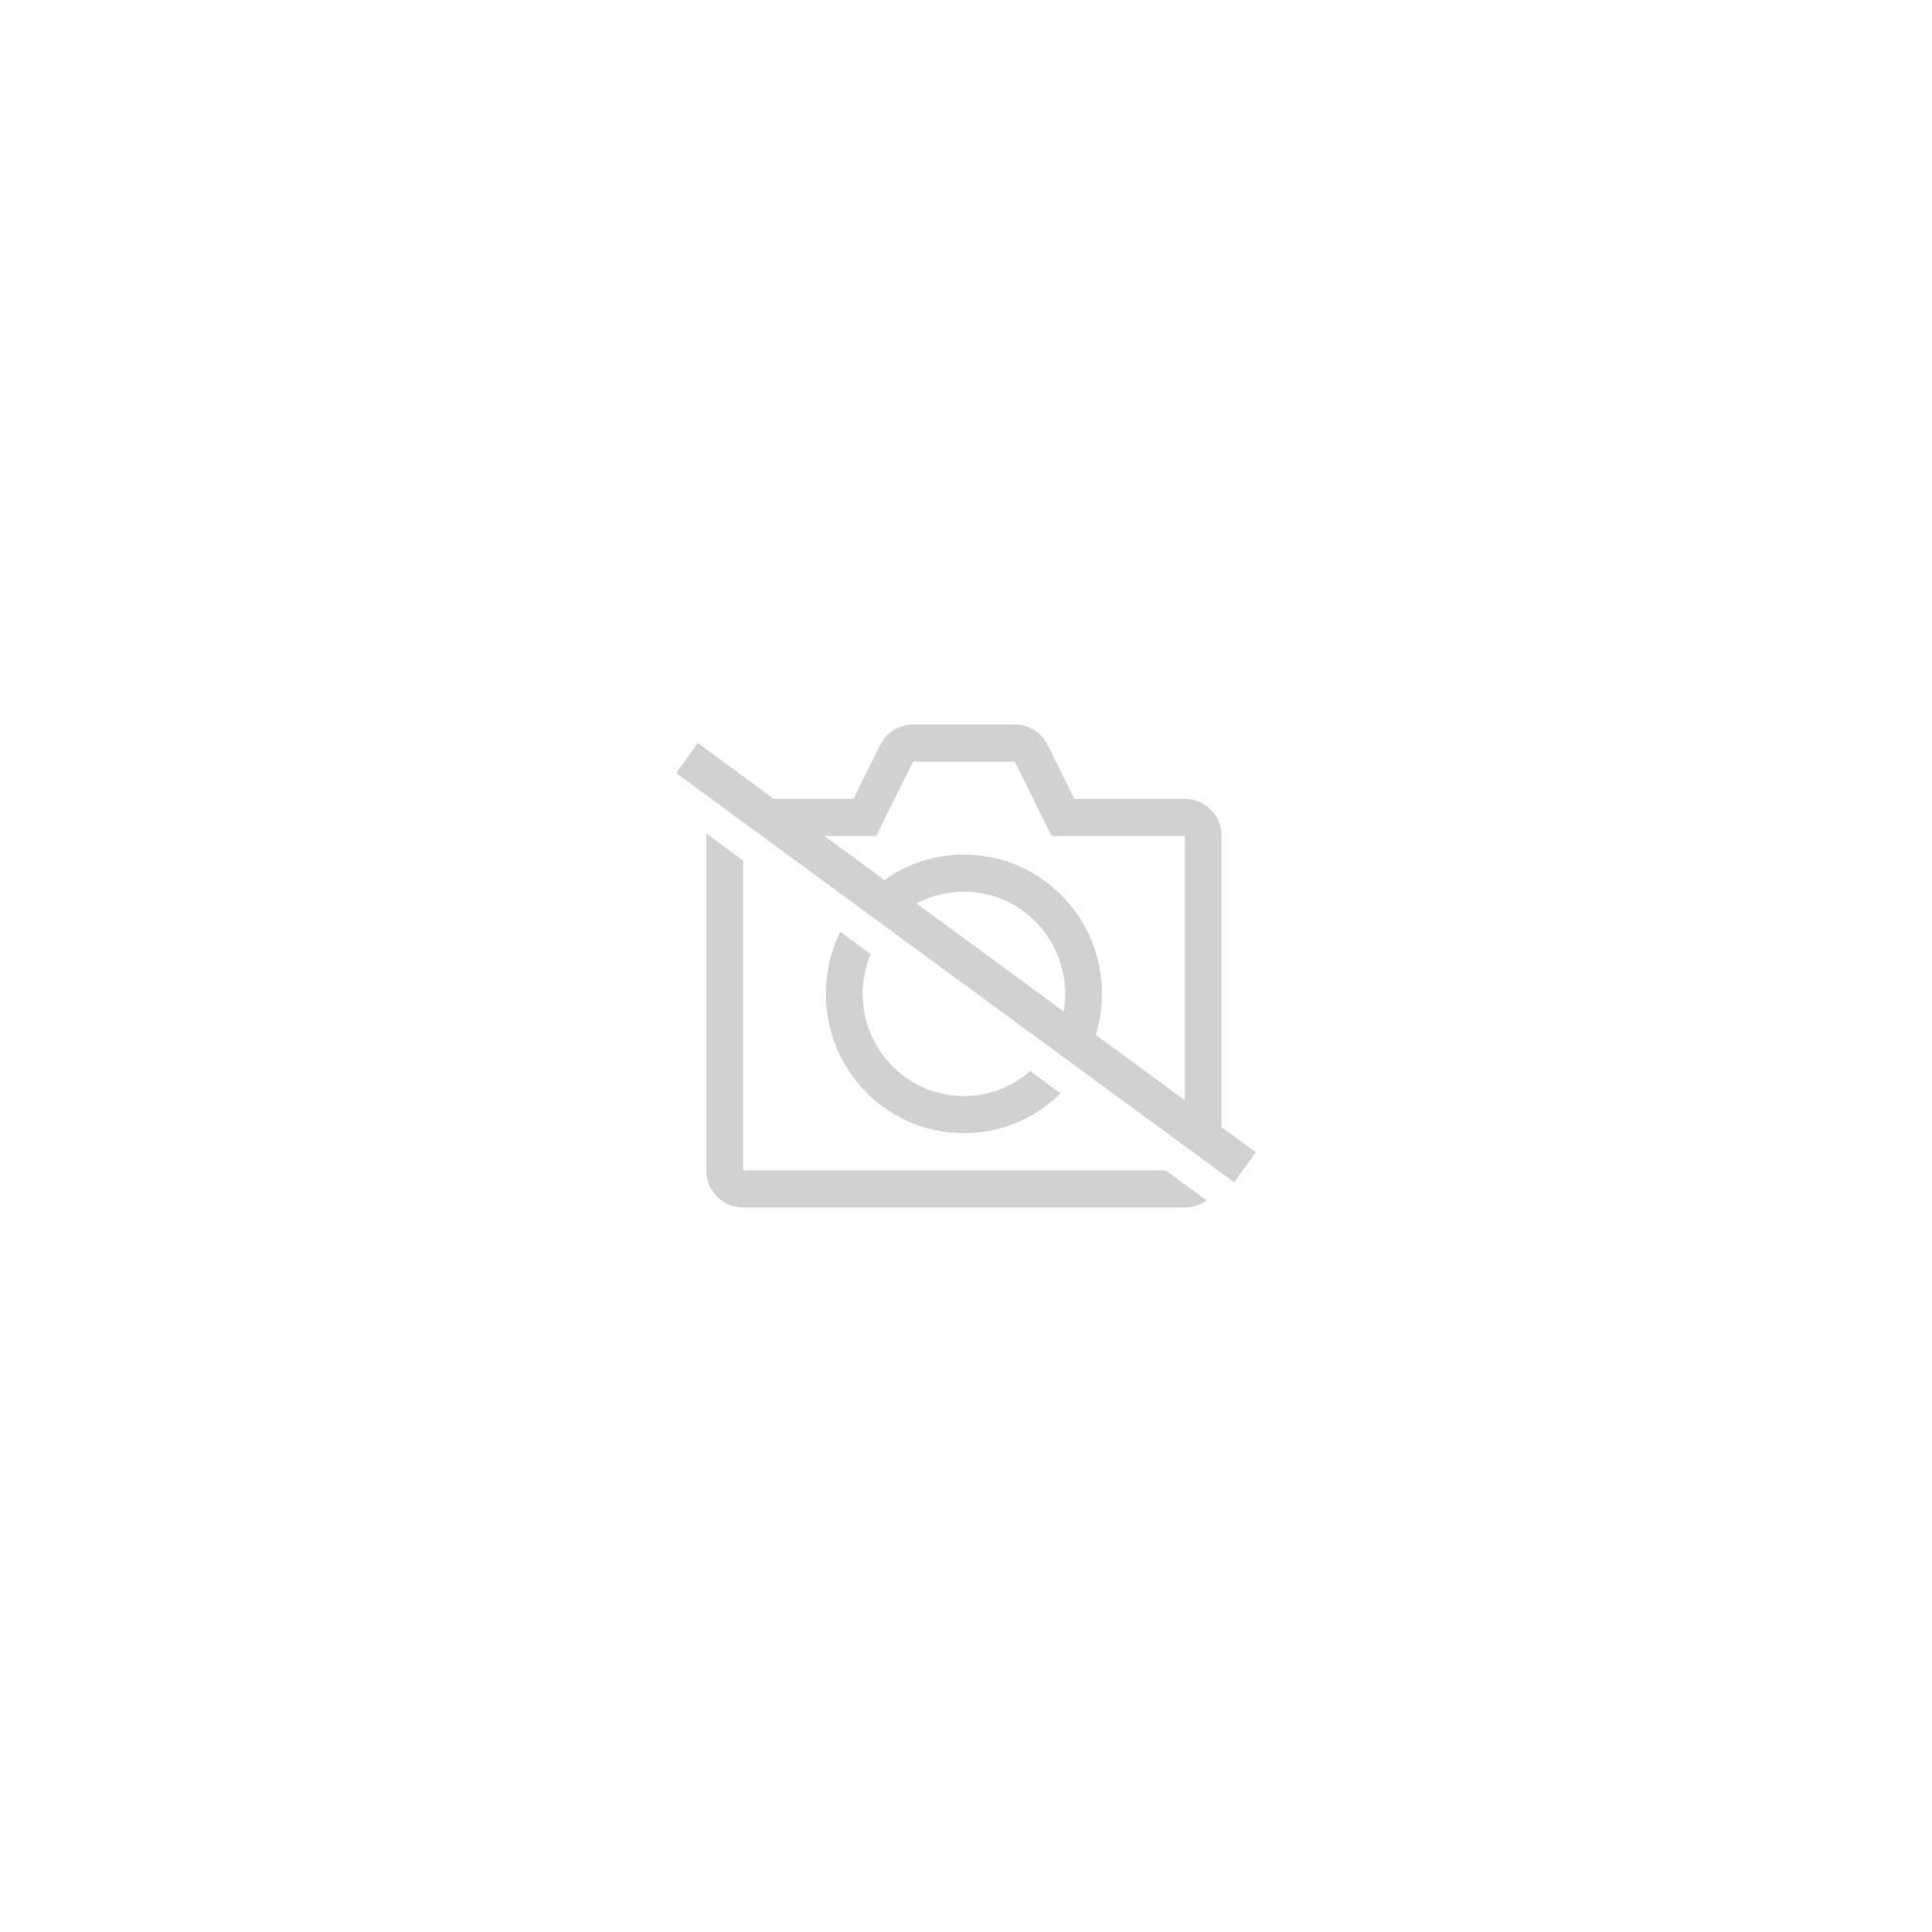 Xcsource Jeu 2pcs Lumière Led Etanche Usb Rechargeable Vélo Sécurité À Vélo Signalisation Avant Feu Arrière Feu Arrière Blanc Cs331